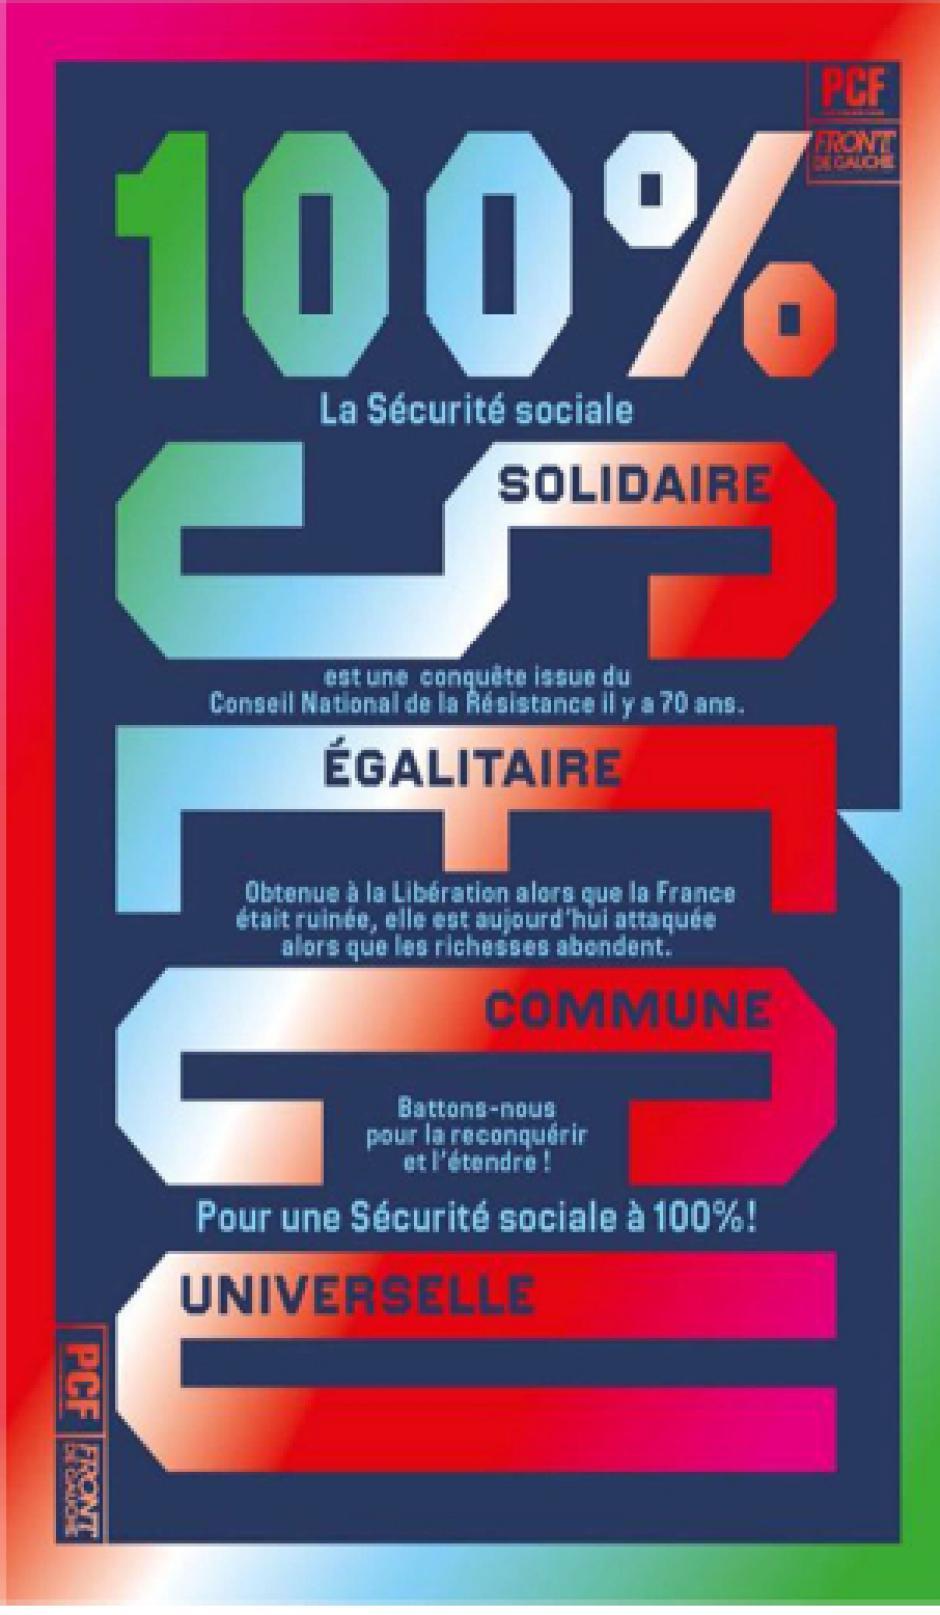 La Sécurité sociale, une idée d'avenir